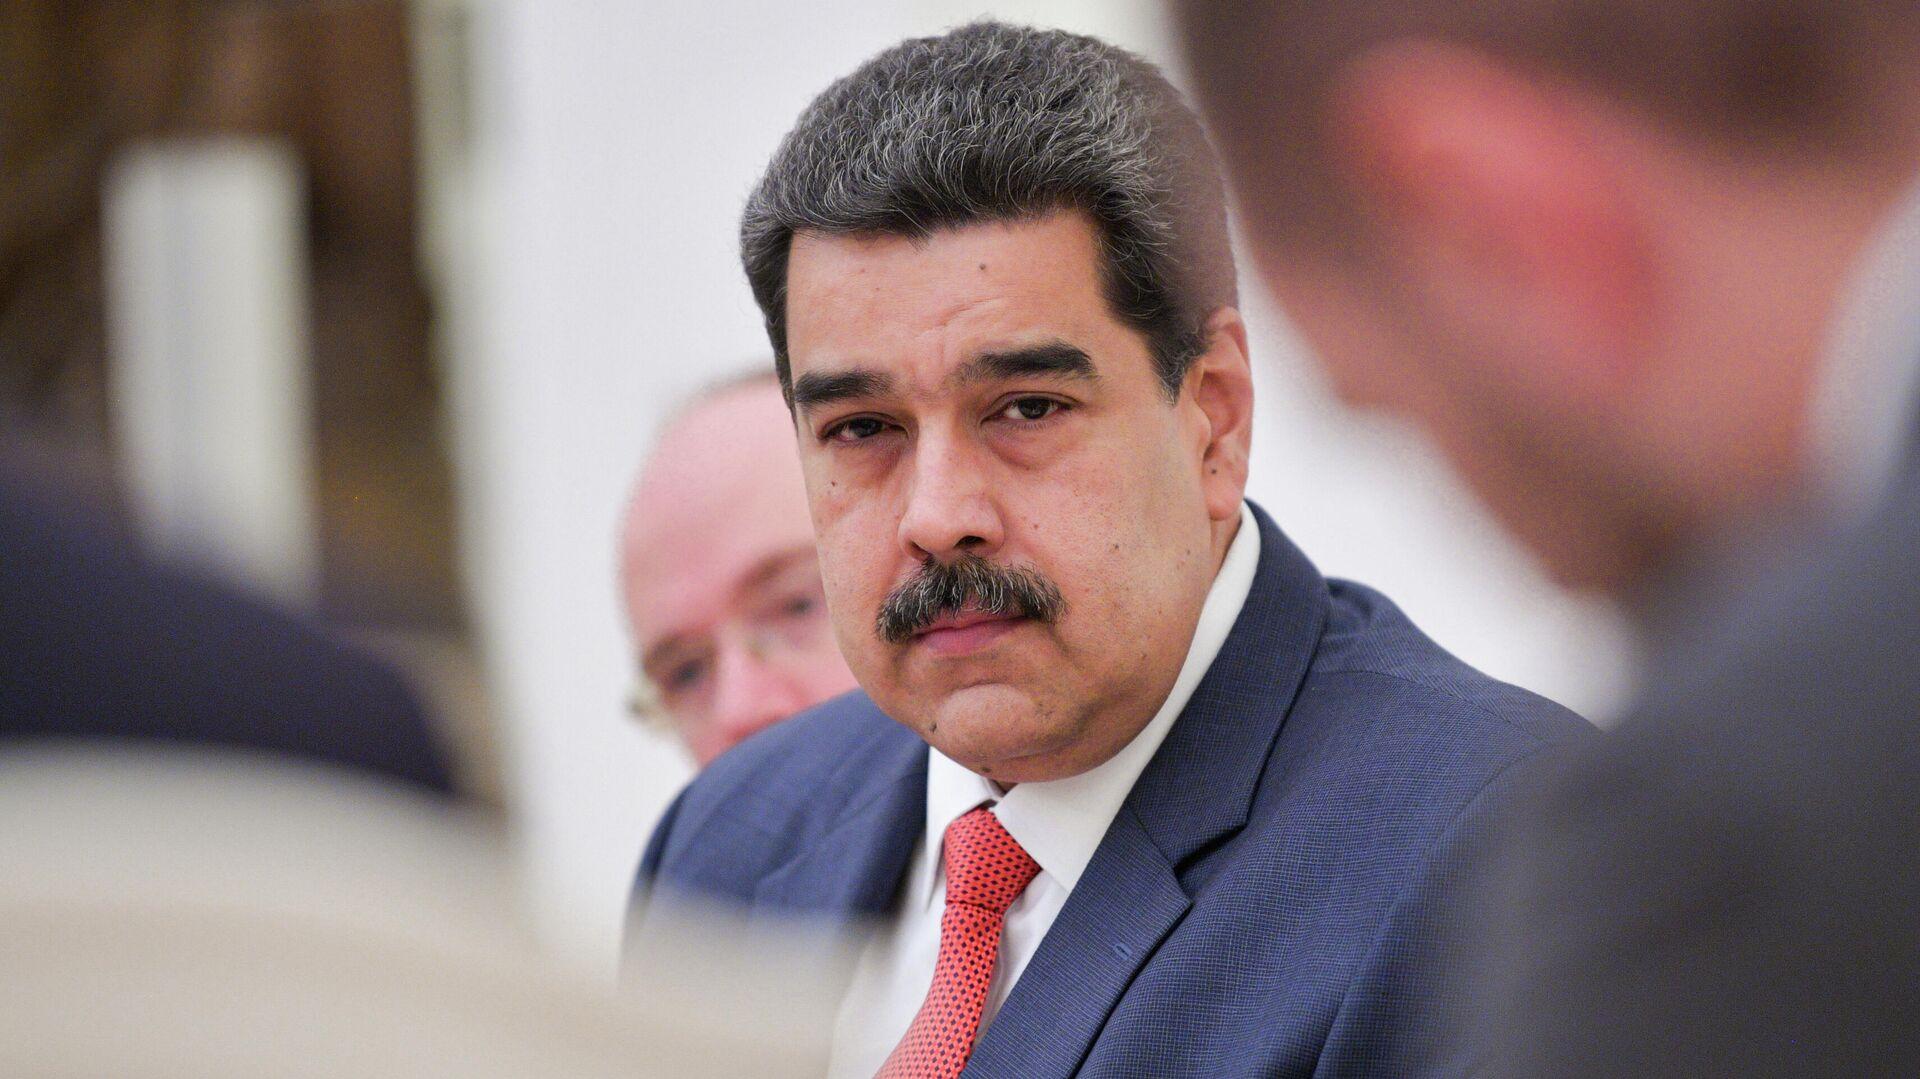 Президент Венесуэлы Николас Мадуро во время встречи с президентом РФ Владимиром Путиным - РИА Новости, 1920, 21.01.2021